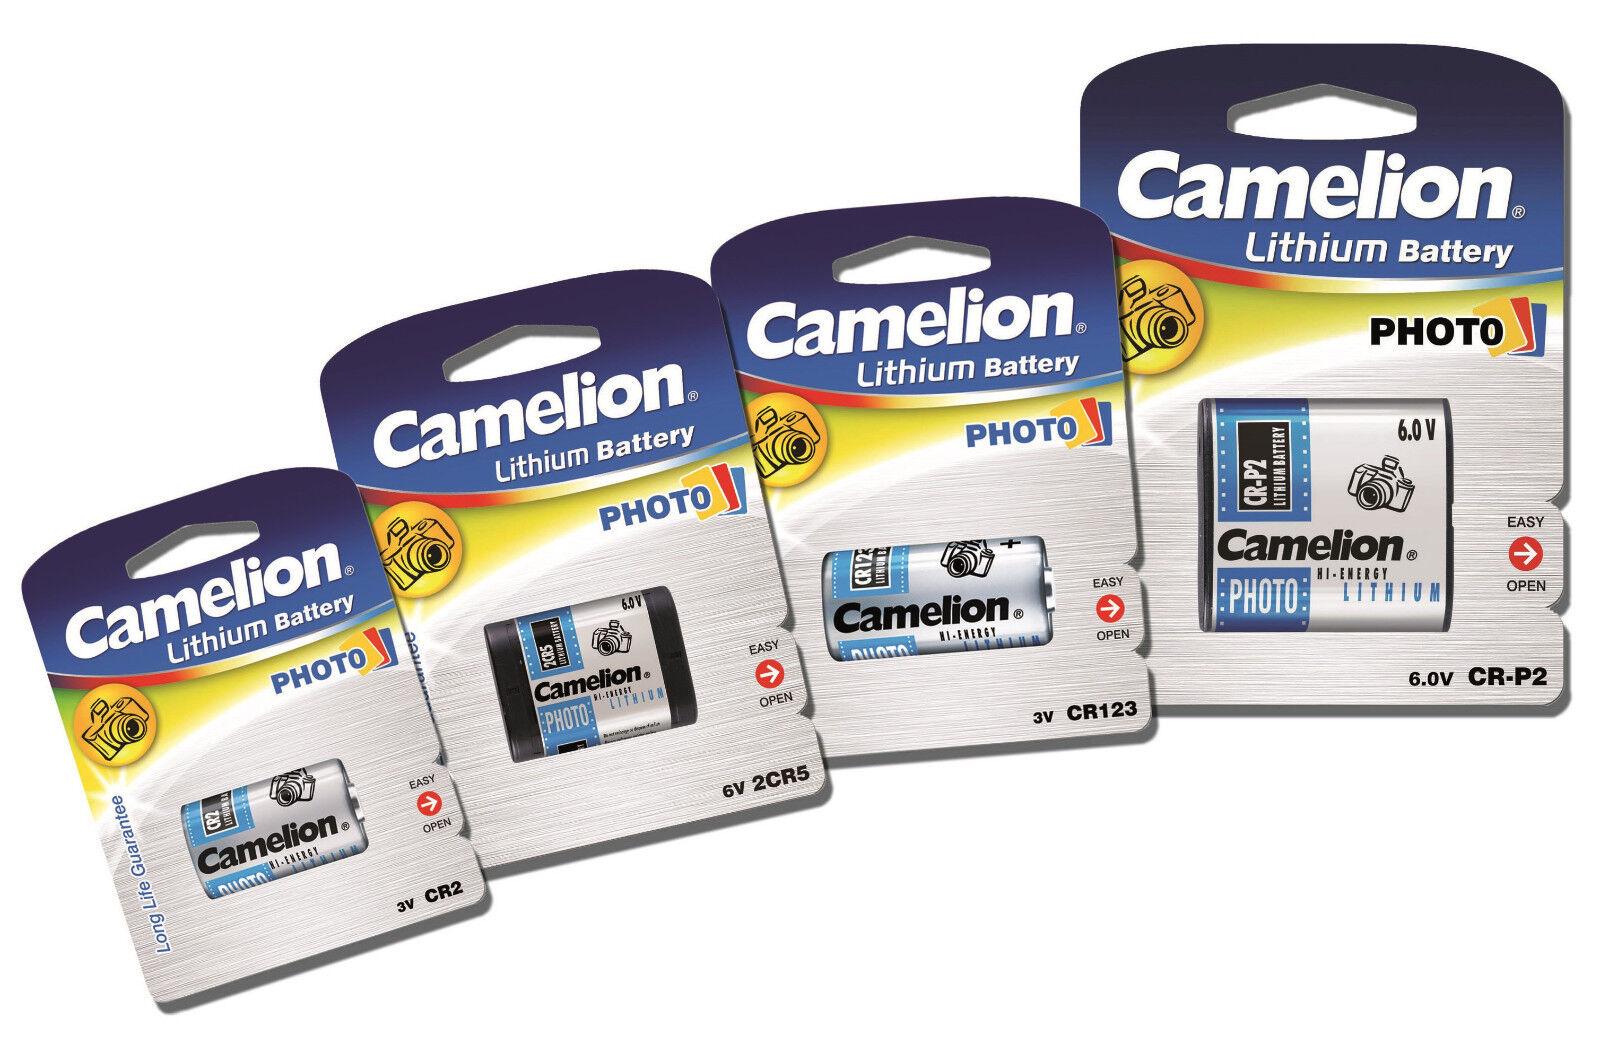 Photo Spezial Batterie Foto CR 123A CR 2 Camelion 2 CR 5 CR - P2 Kamera